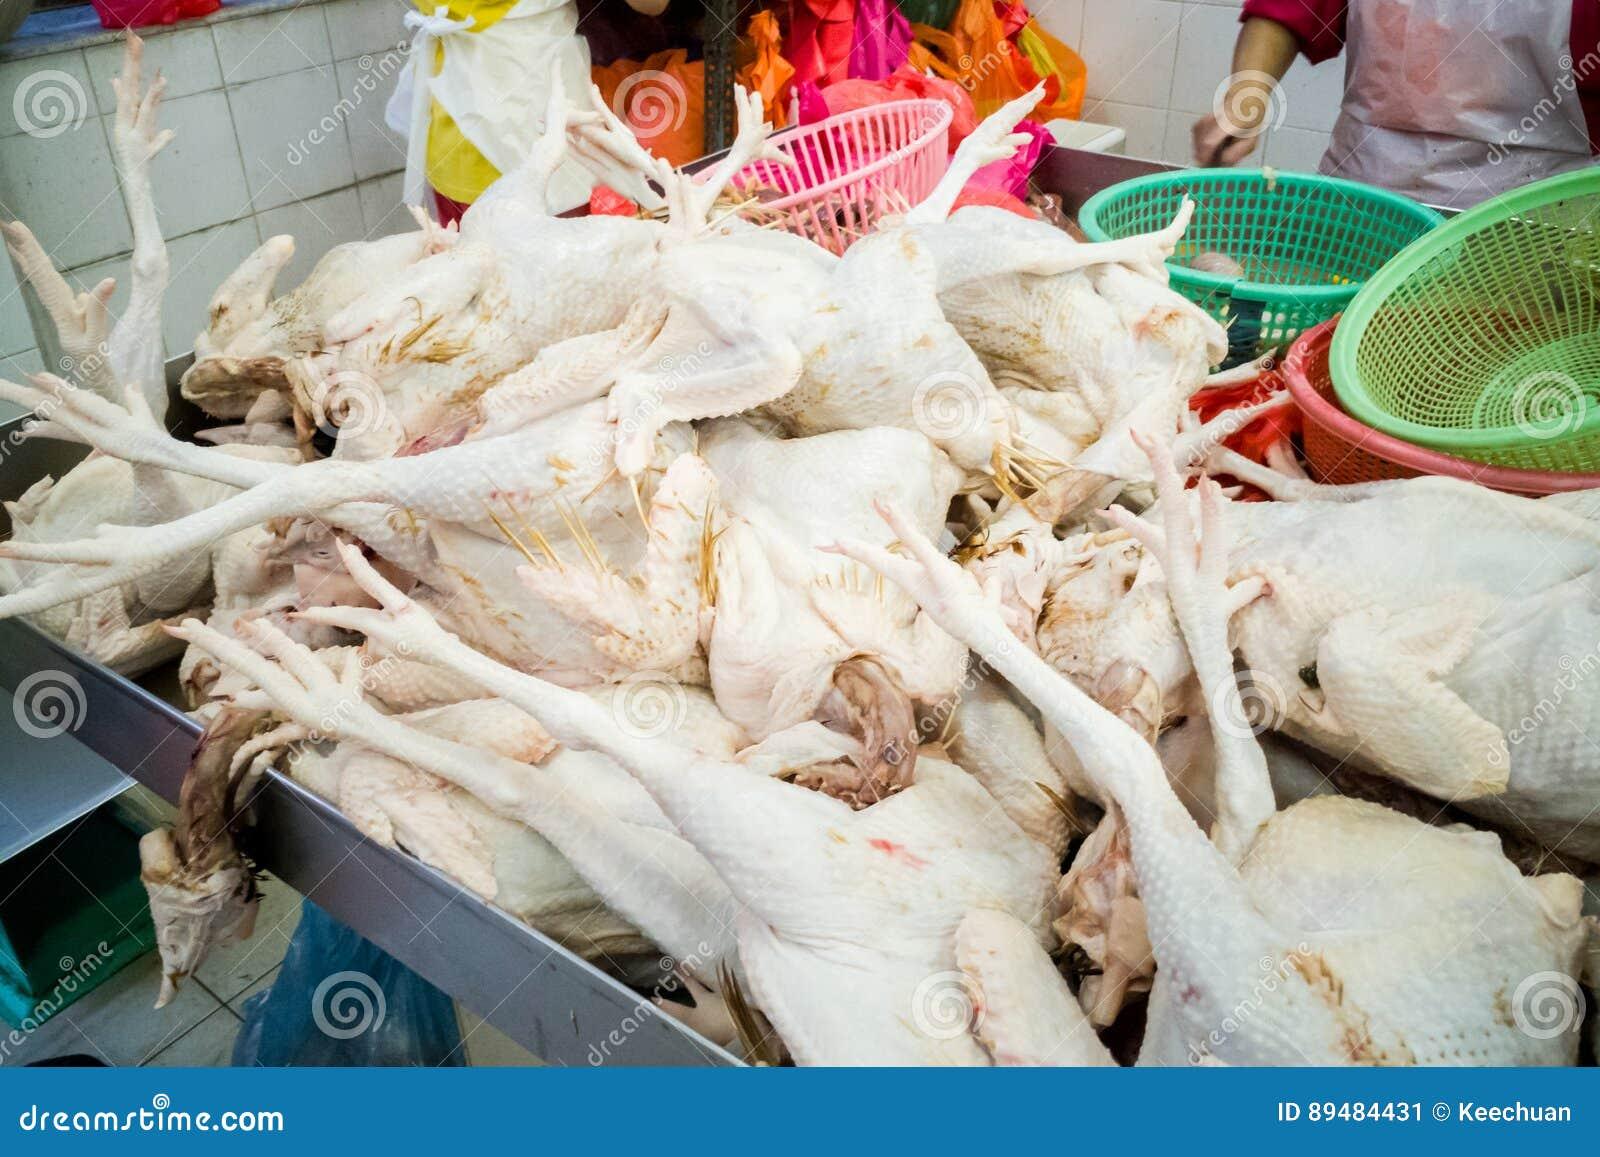 Sprzedawca sprzedaje świeżo ubitego całego kurczaka w rynku kramu